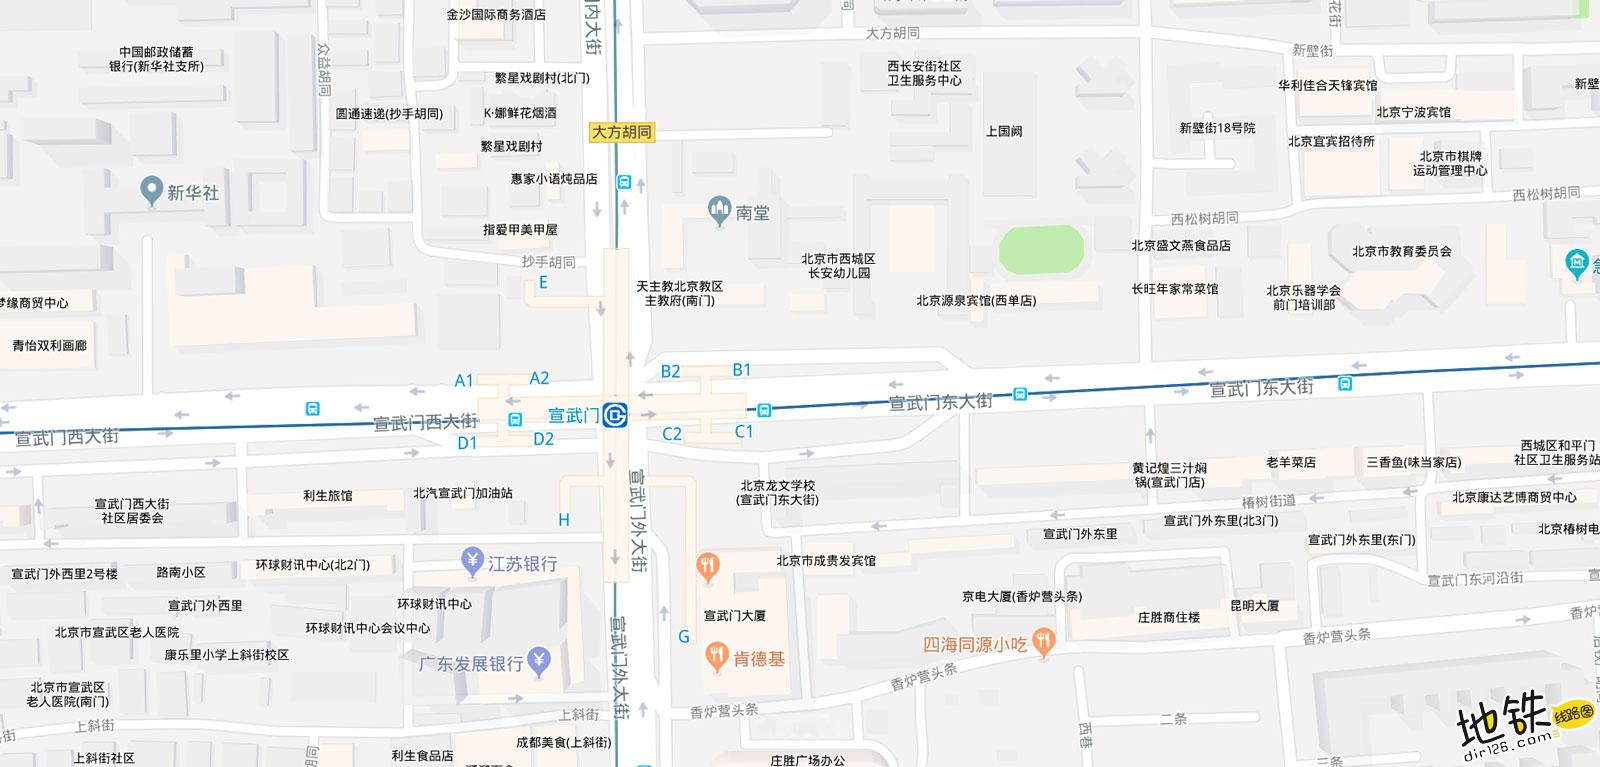 宣武门地铁站 北京地铁宣武门站出入口 地图信息查询  北京地铁站  第2张